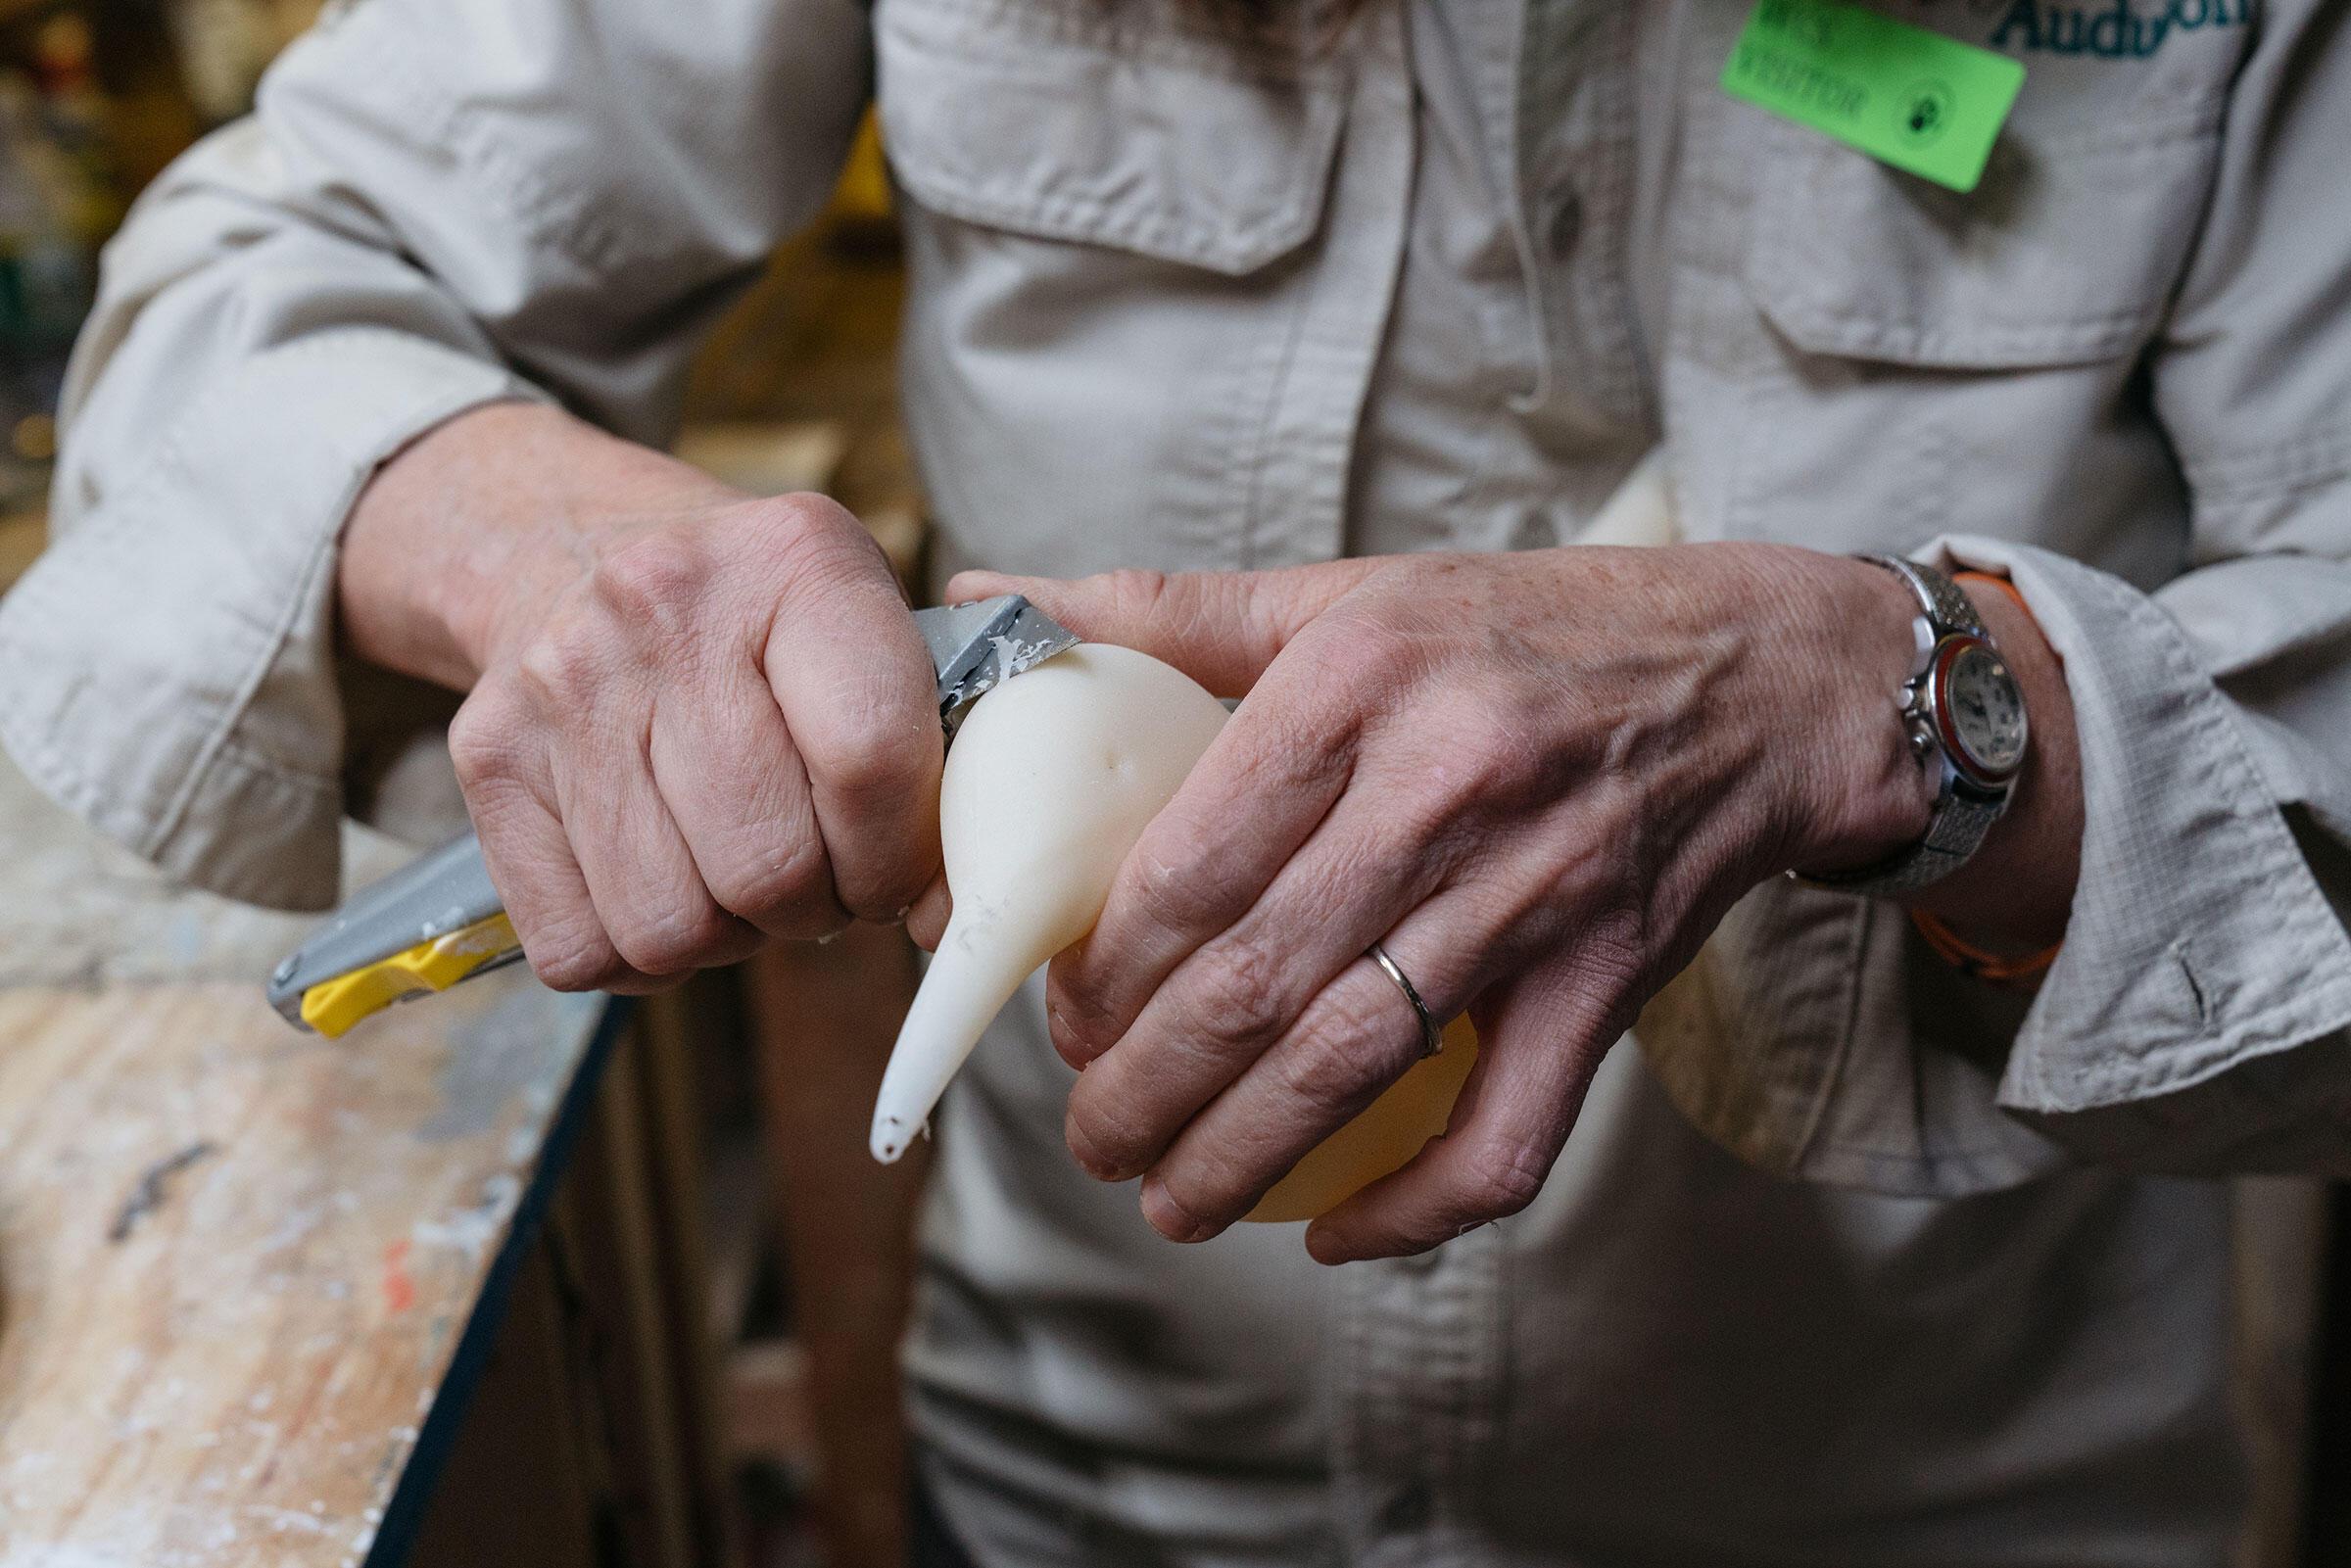 Schubel trims decoy bodies. Tristan Spinski